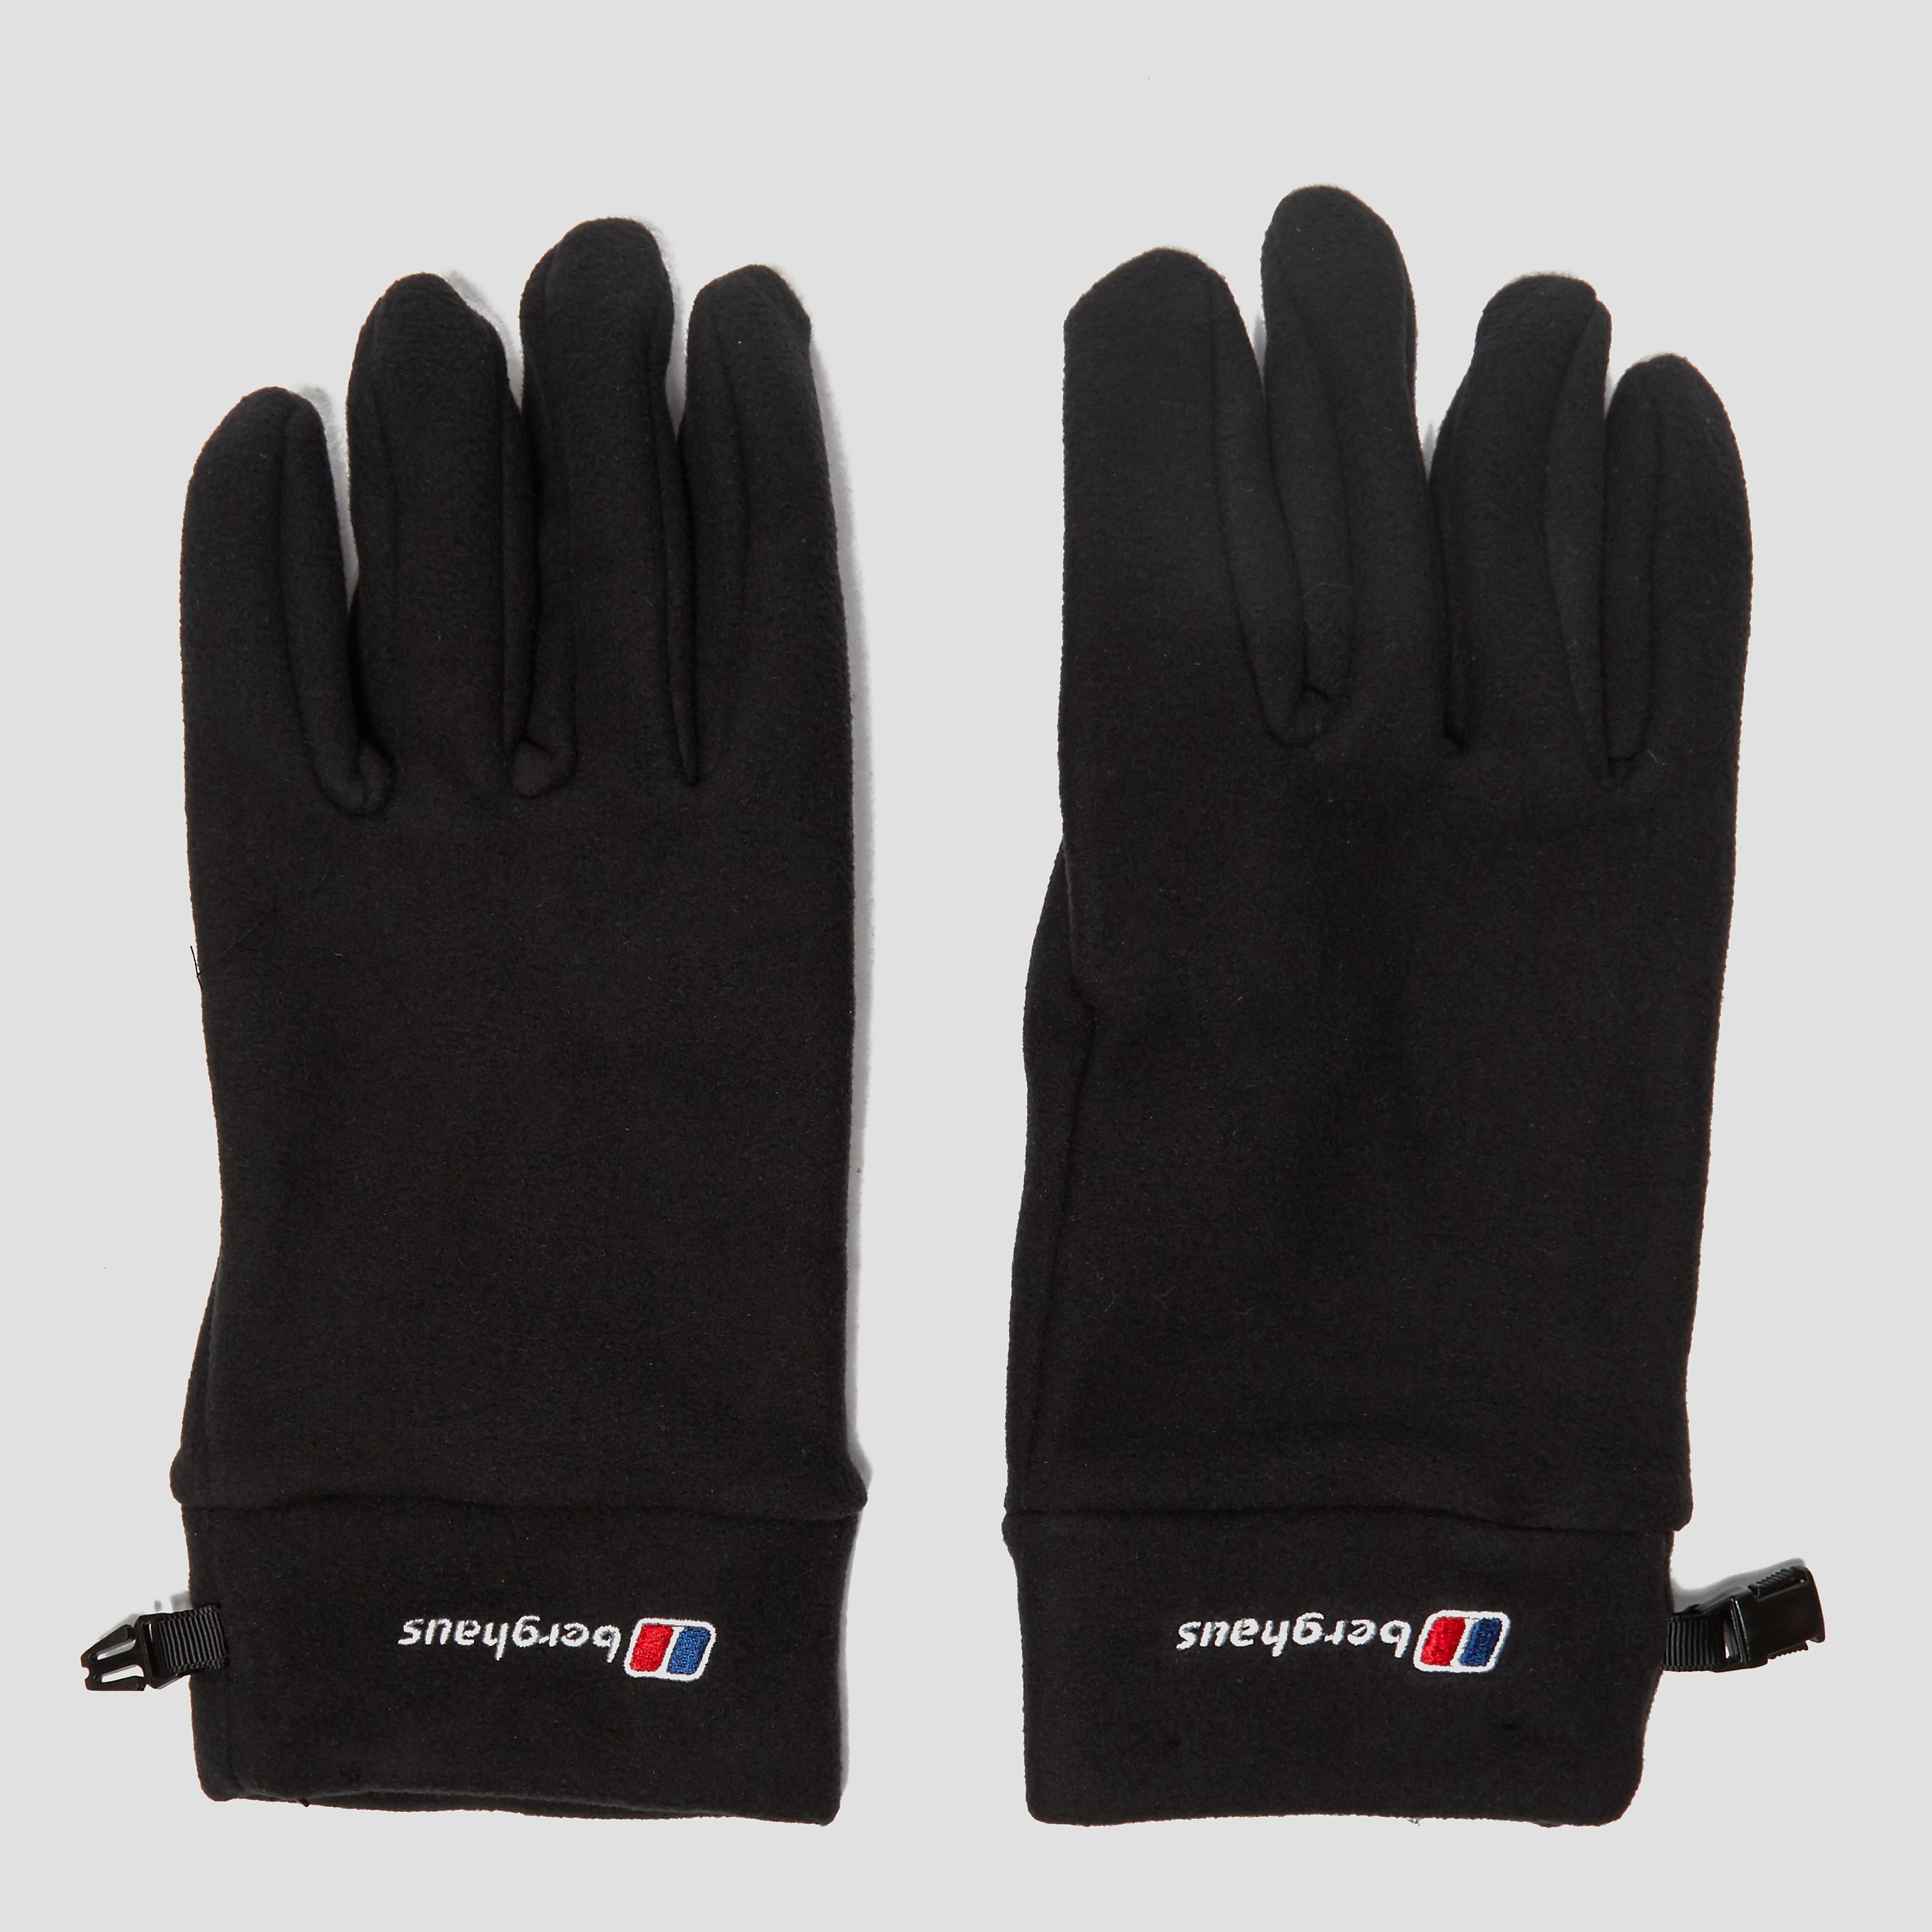 Berghaus Men's, Women's and Junior's Spectrum Gloves